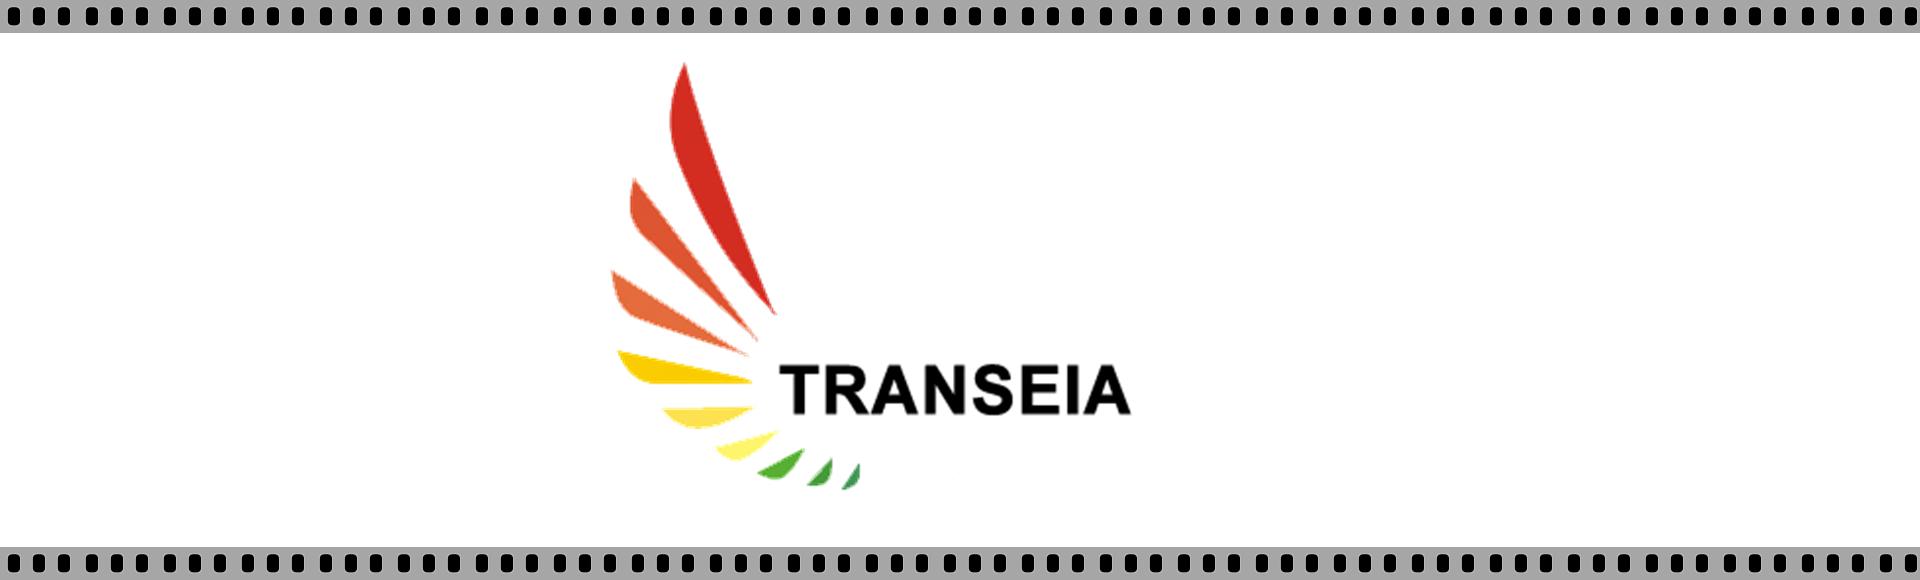 TRANSEIA: deadlines extended